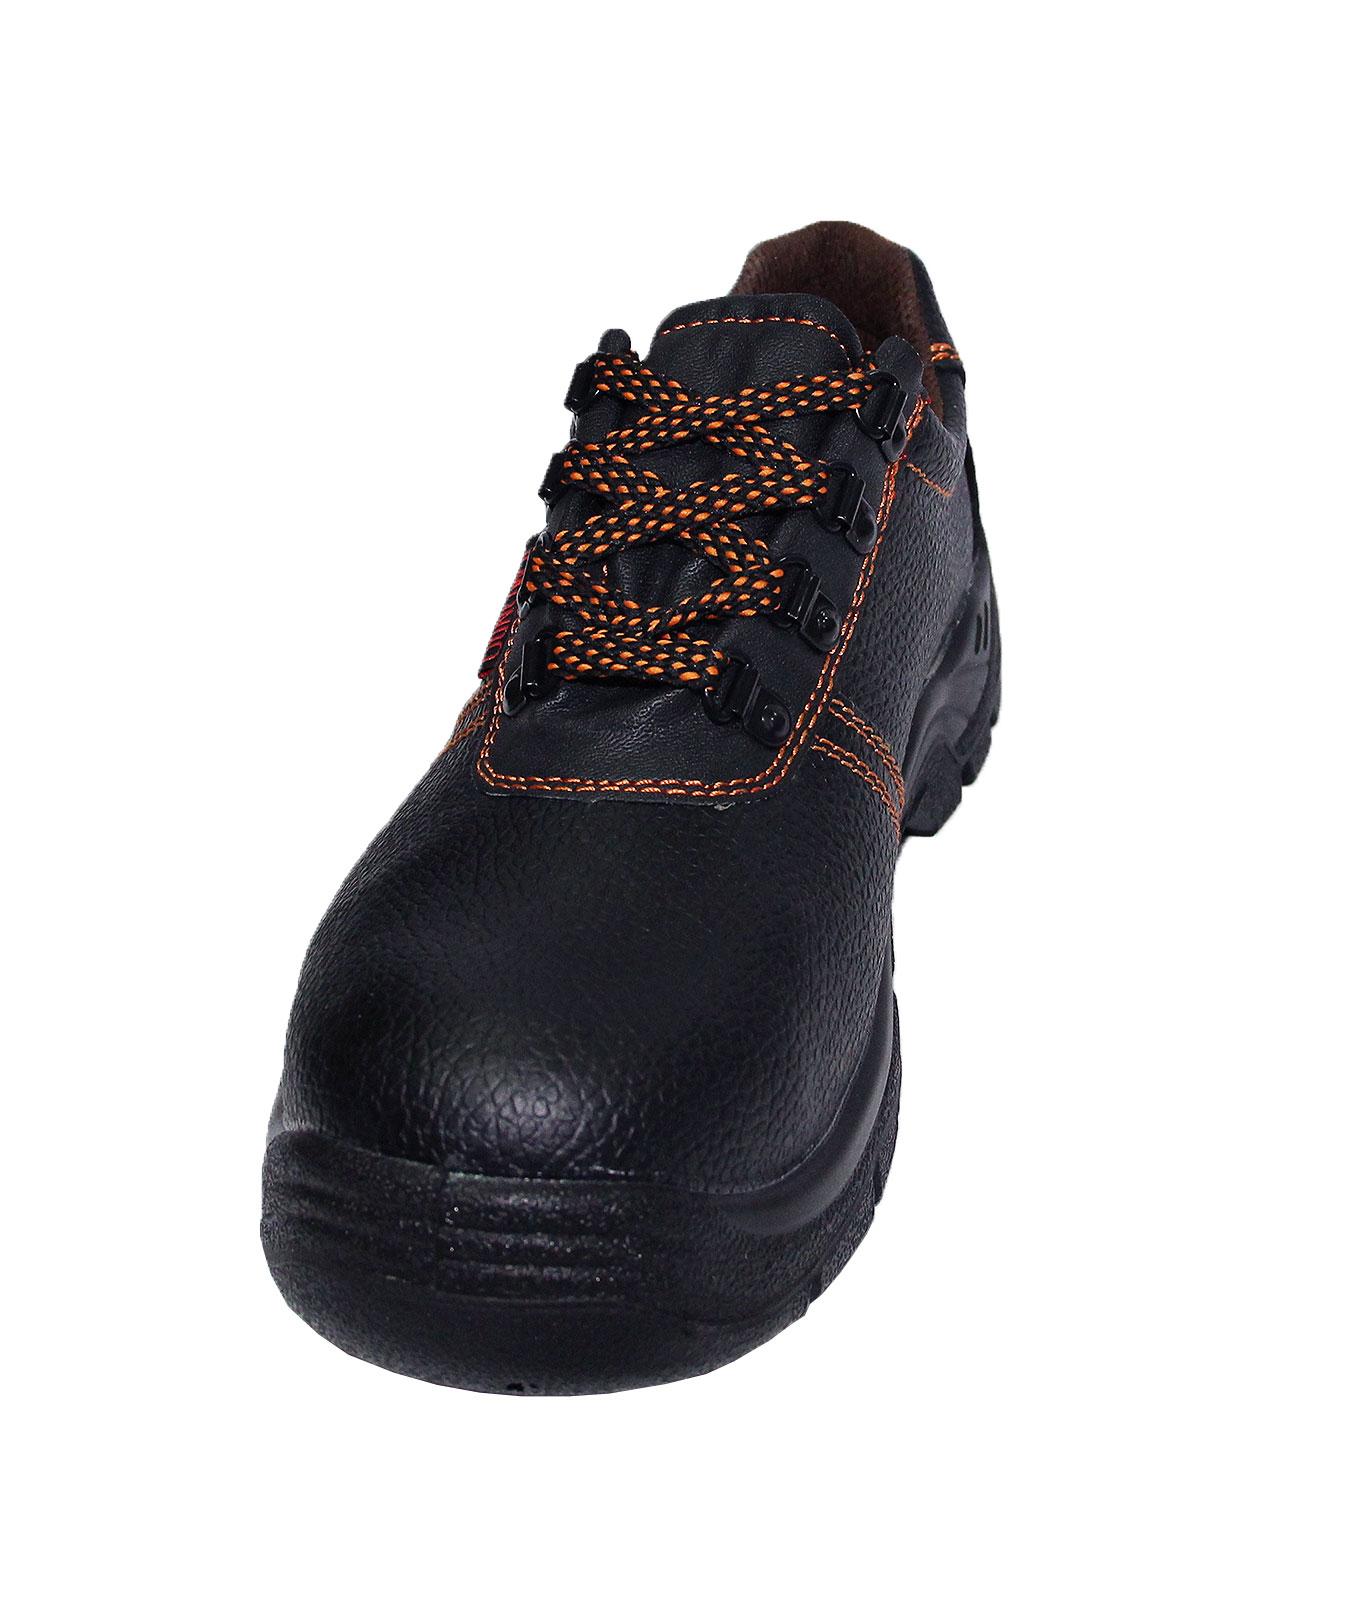 5-7 χαμηλό παπούτσι εργασίας 2